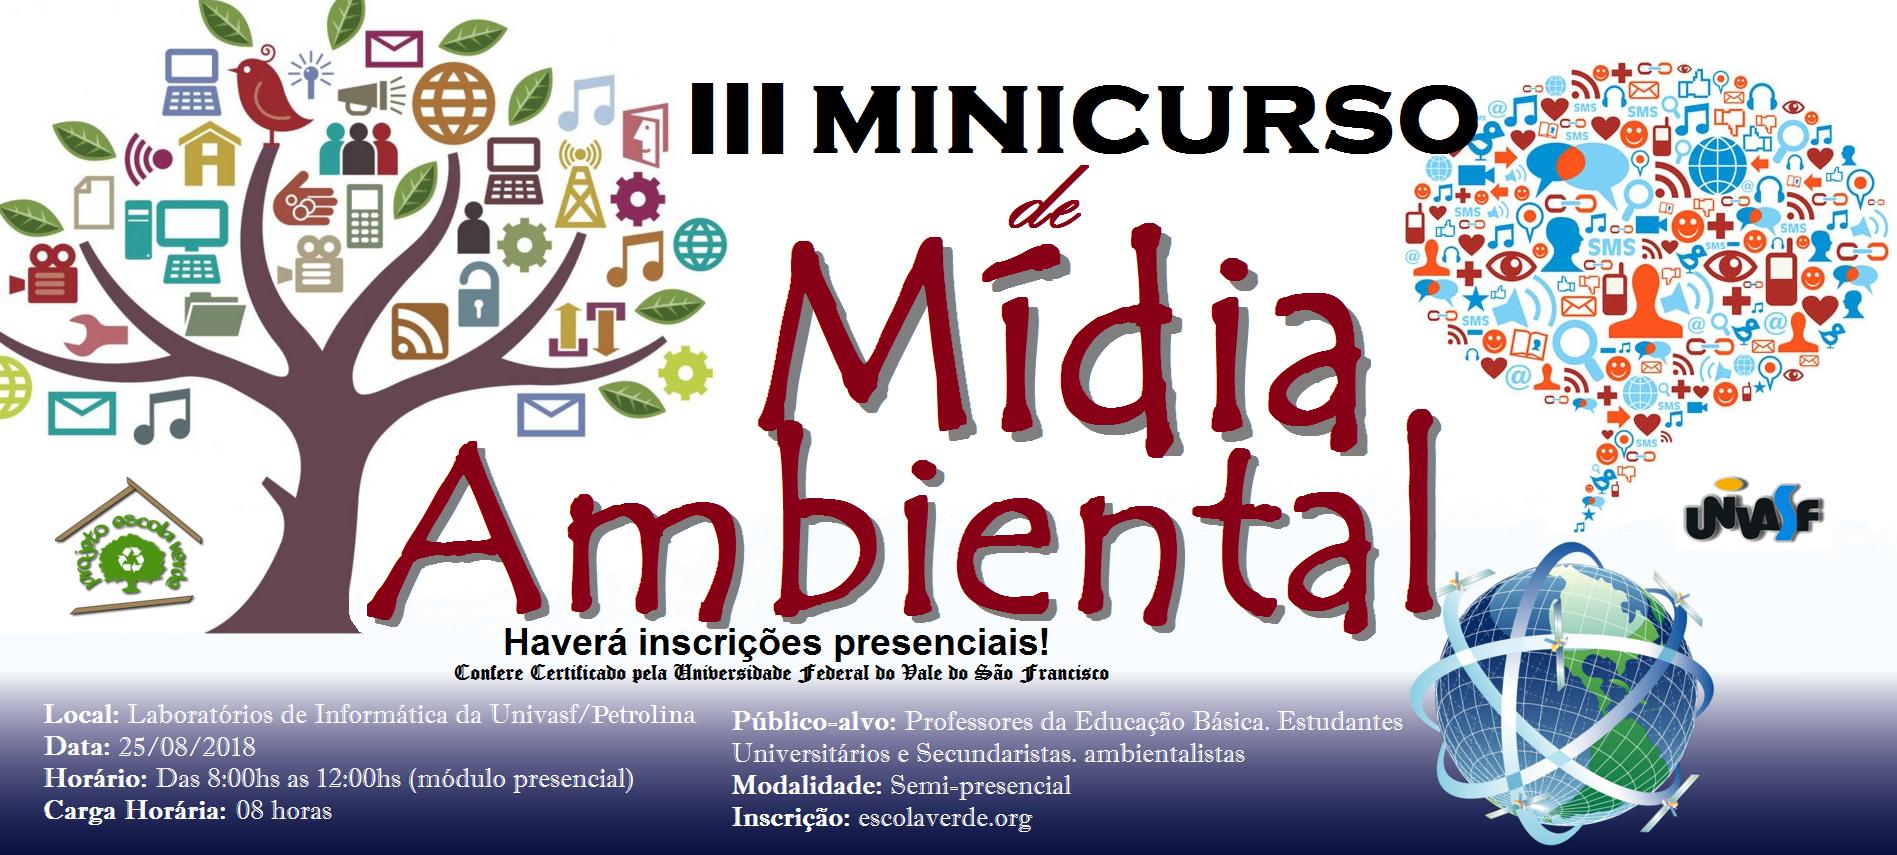 banner iii minicurso de mídia ambiental